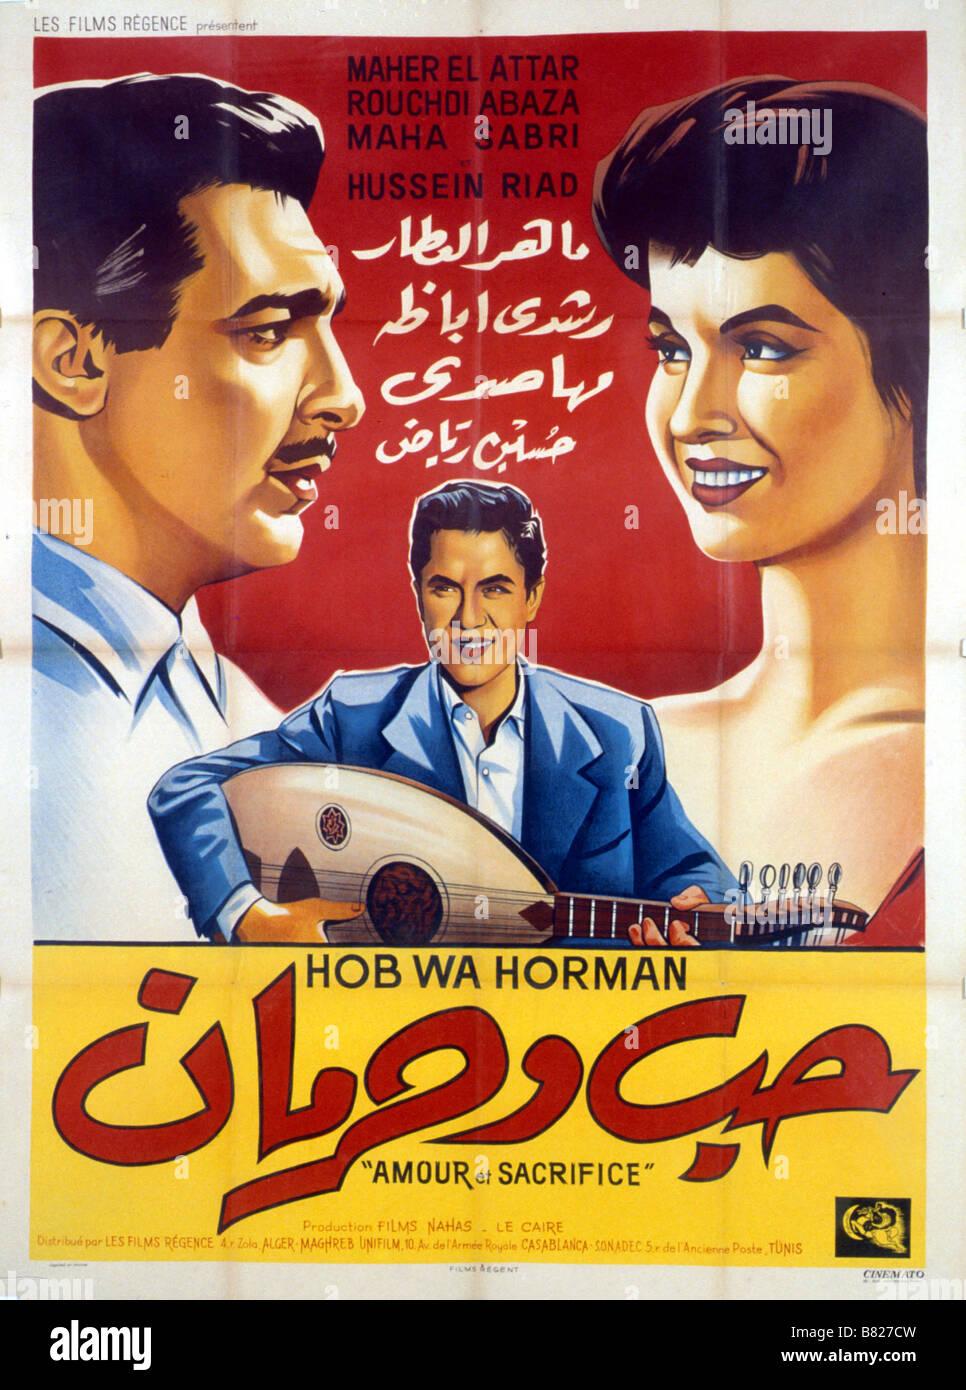 Amour Et Sacrifice Hob Wa Horman Year 1961 Egypt Affiche